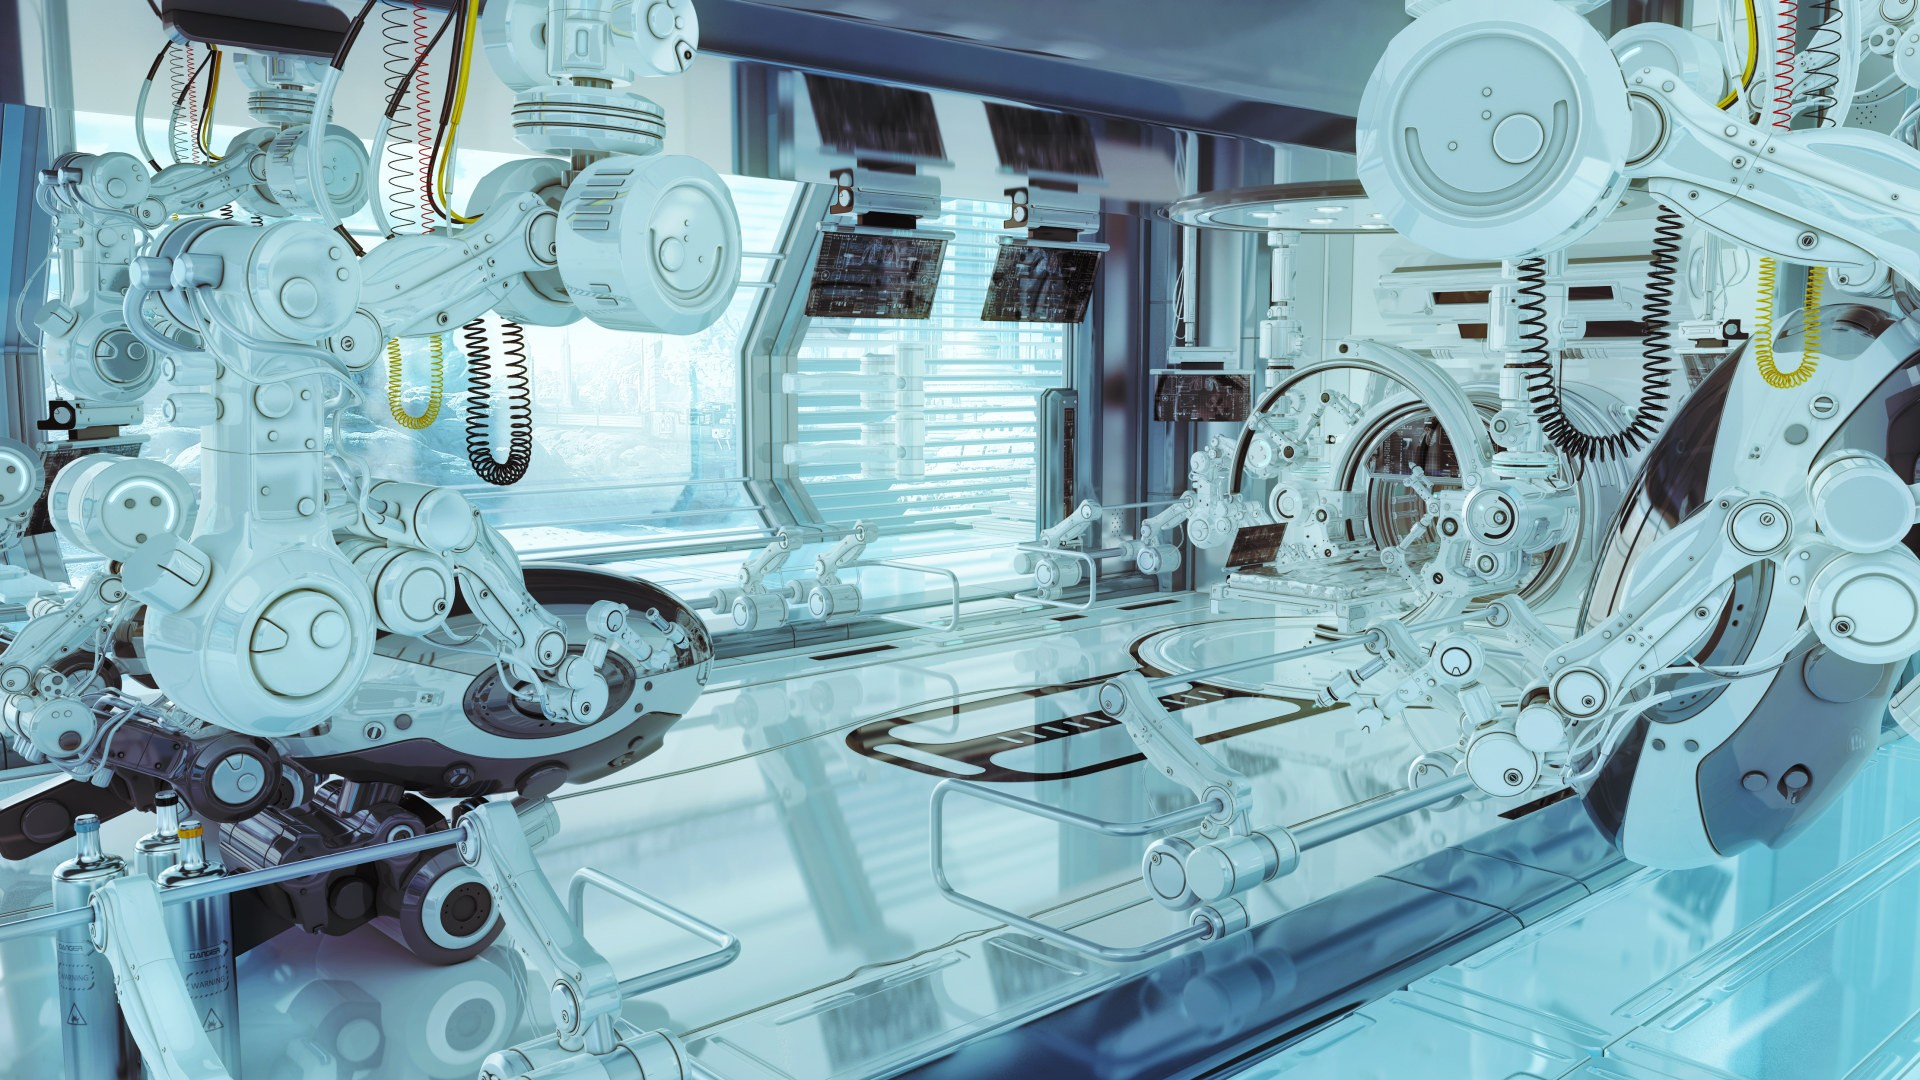 Физики из РФ хотят обеспечить каждый смартфон «лазерной» химлабораторией